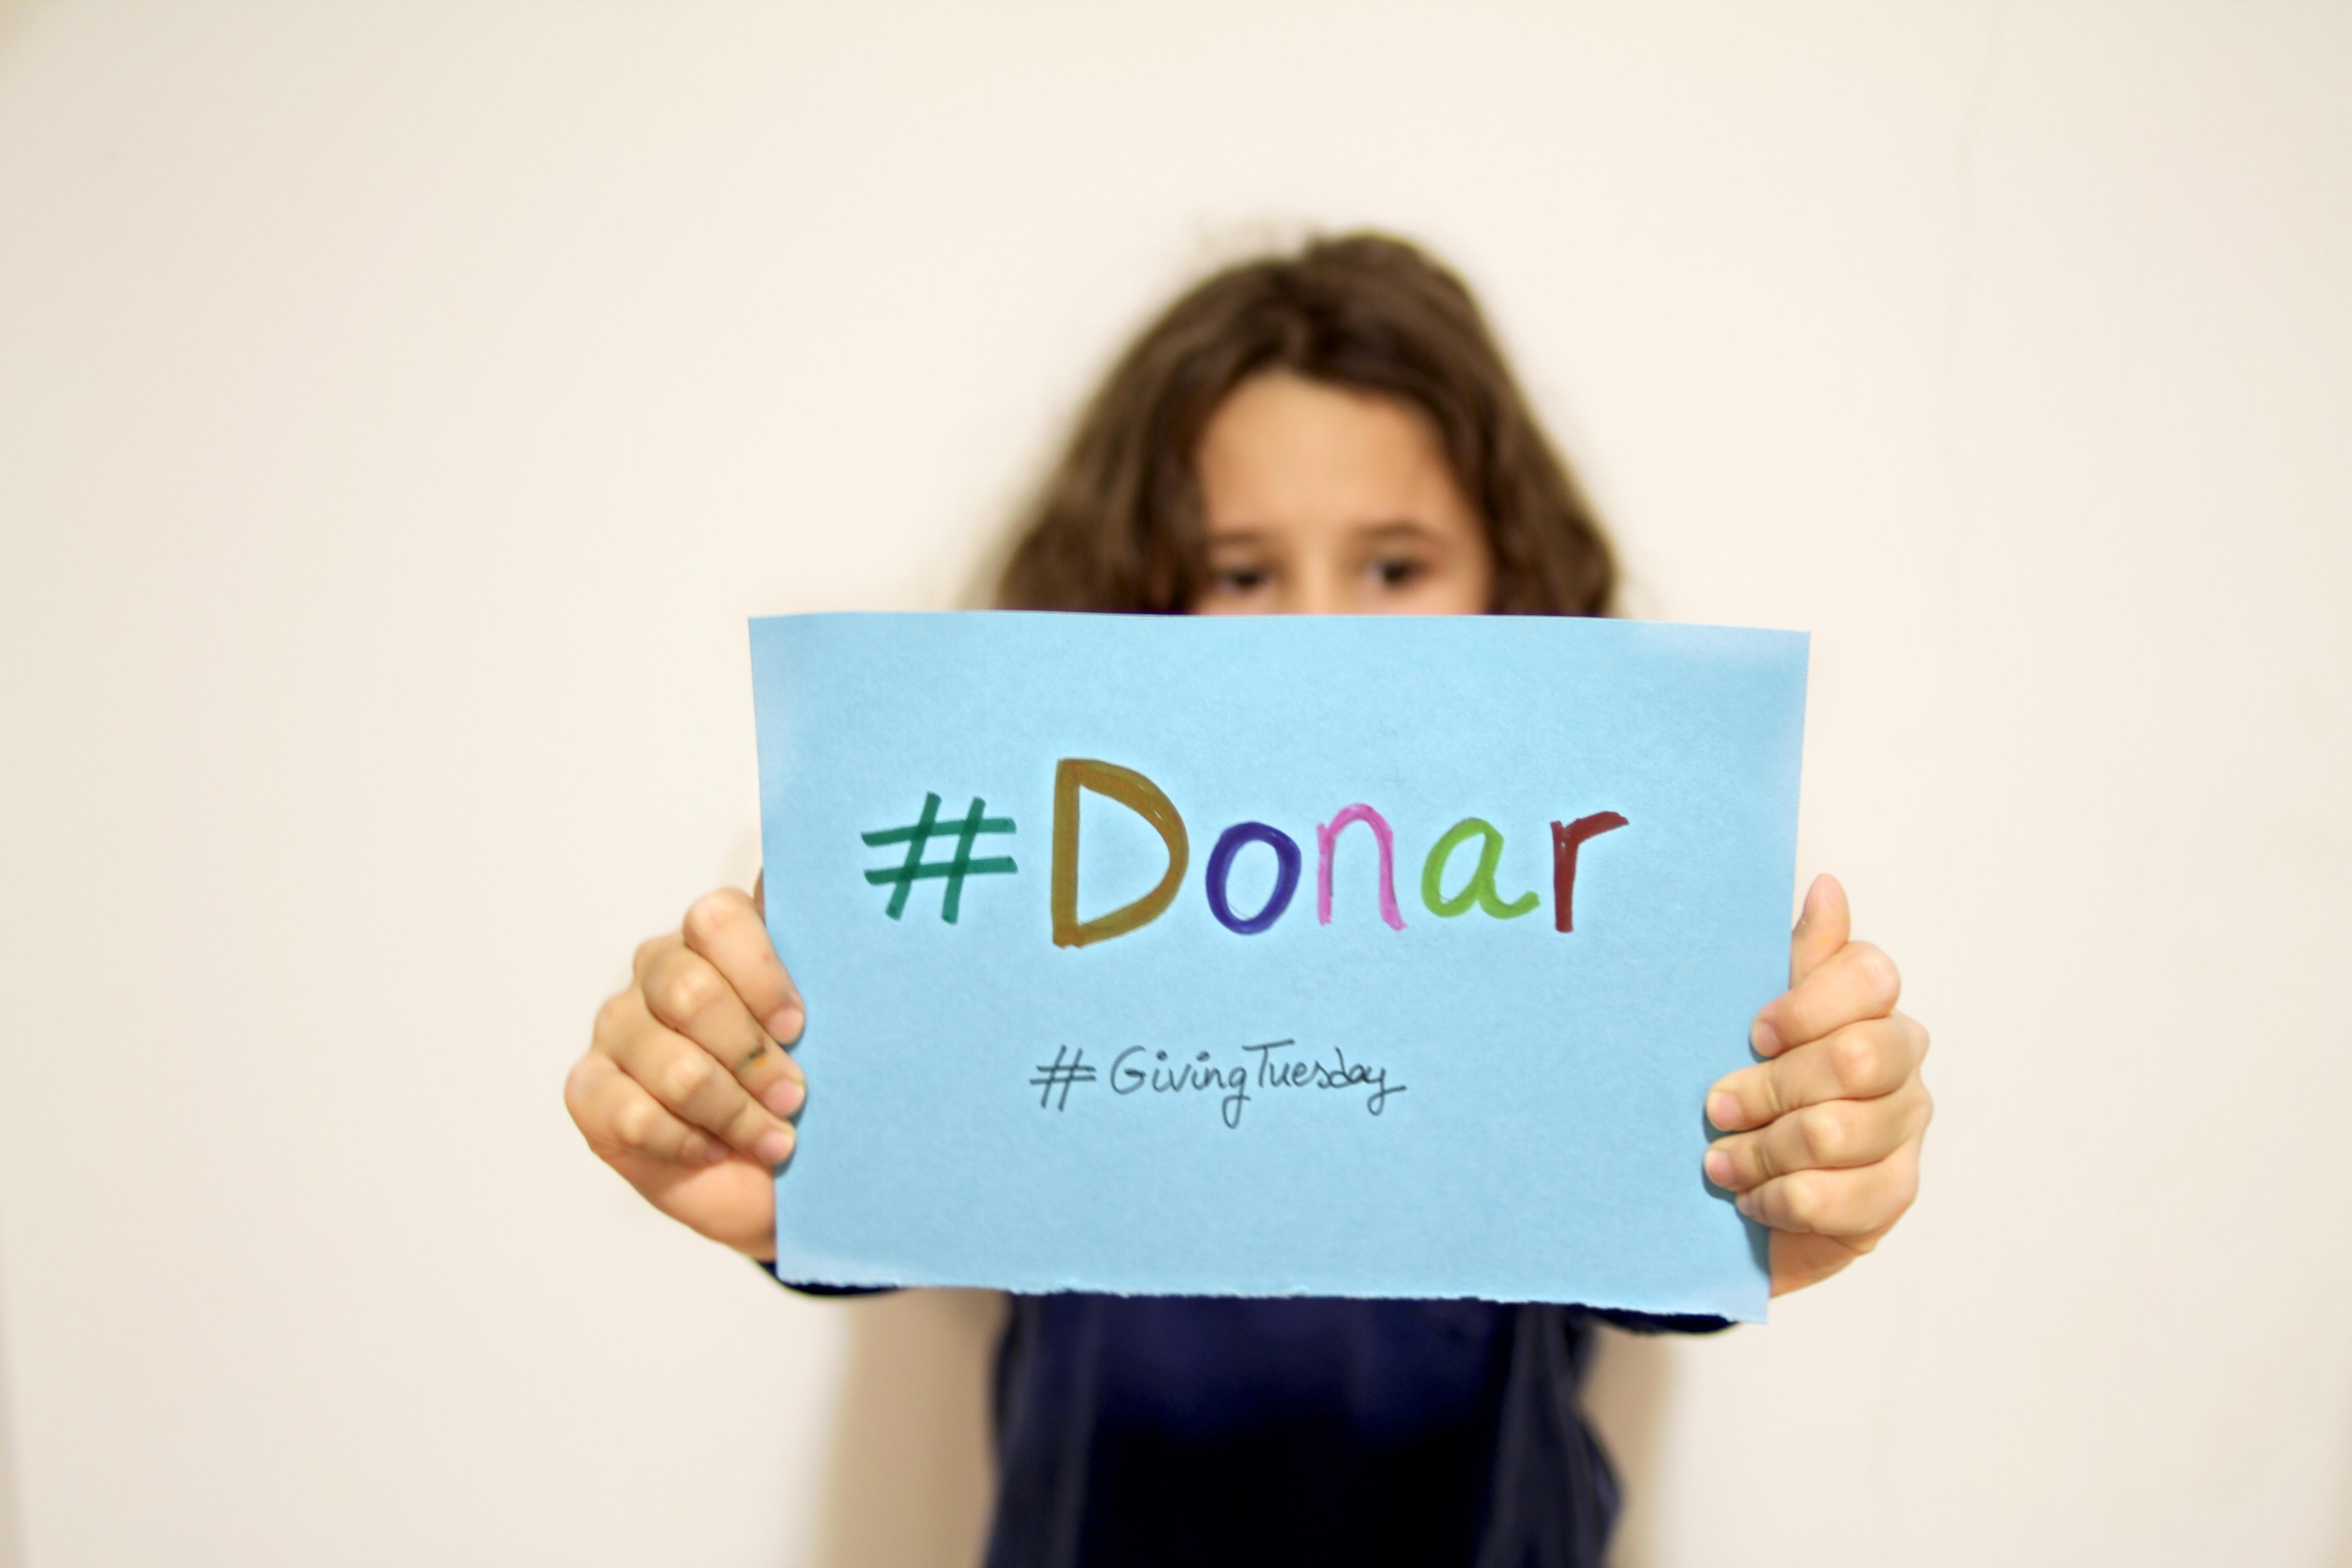 #donar-obra-social-lacaixa-descalzaporelparque-blogger-kids-solidaridad-givingtuesday